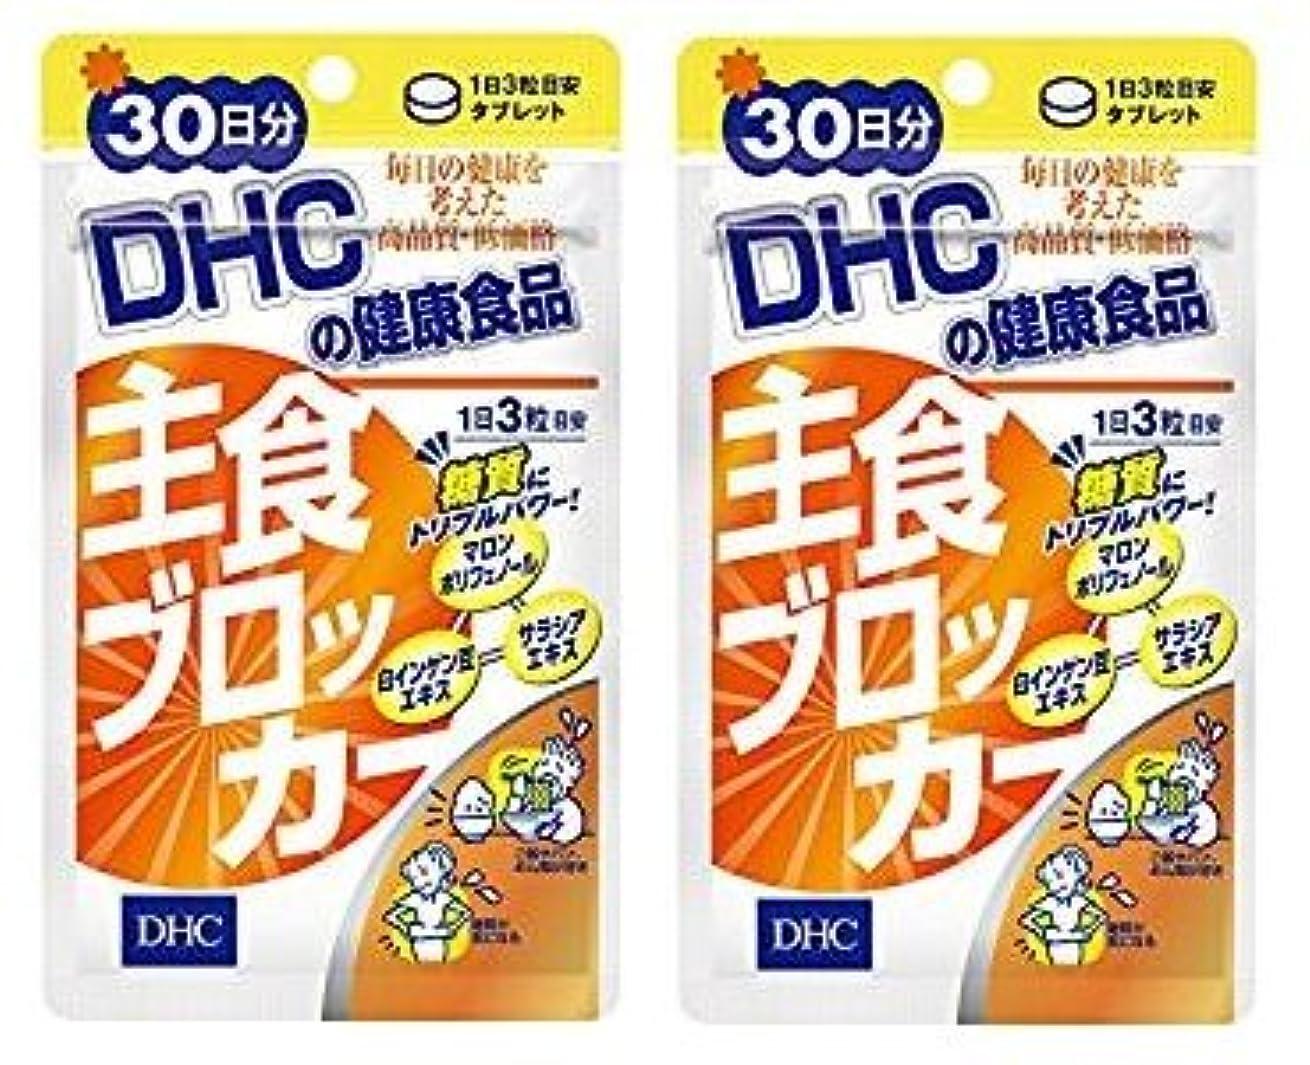 吸収する週間年金受給者【2個セット】DHC 主食ブロッカー 30日分